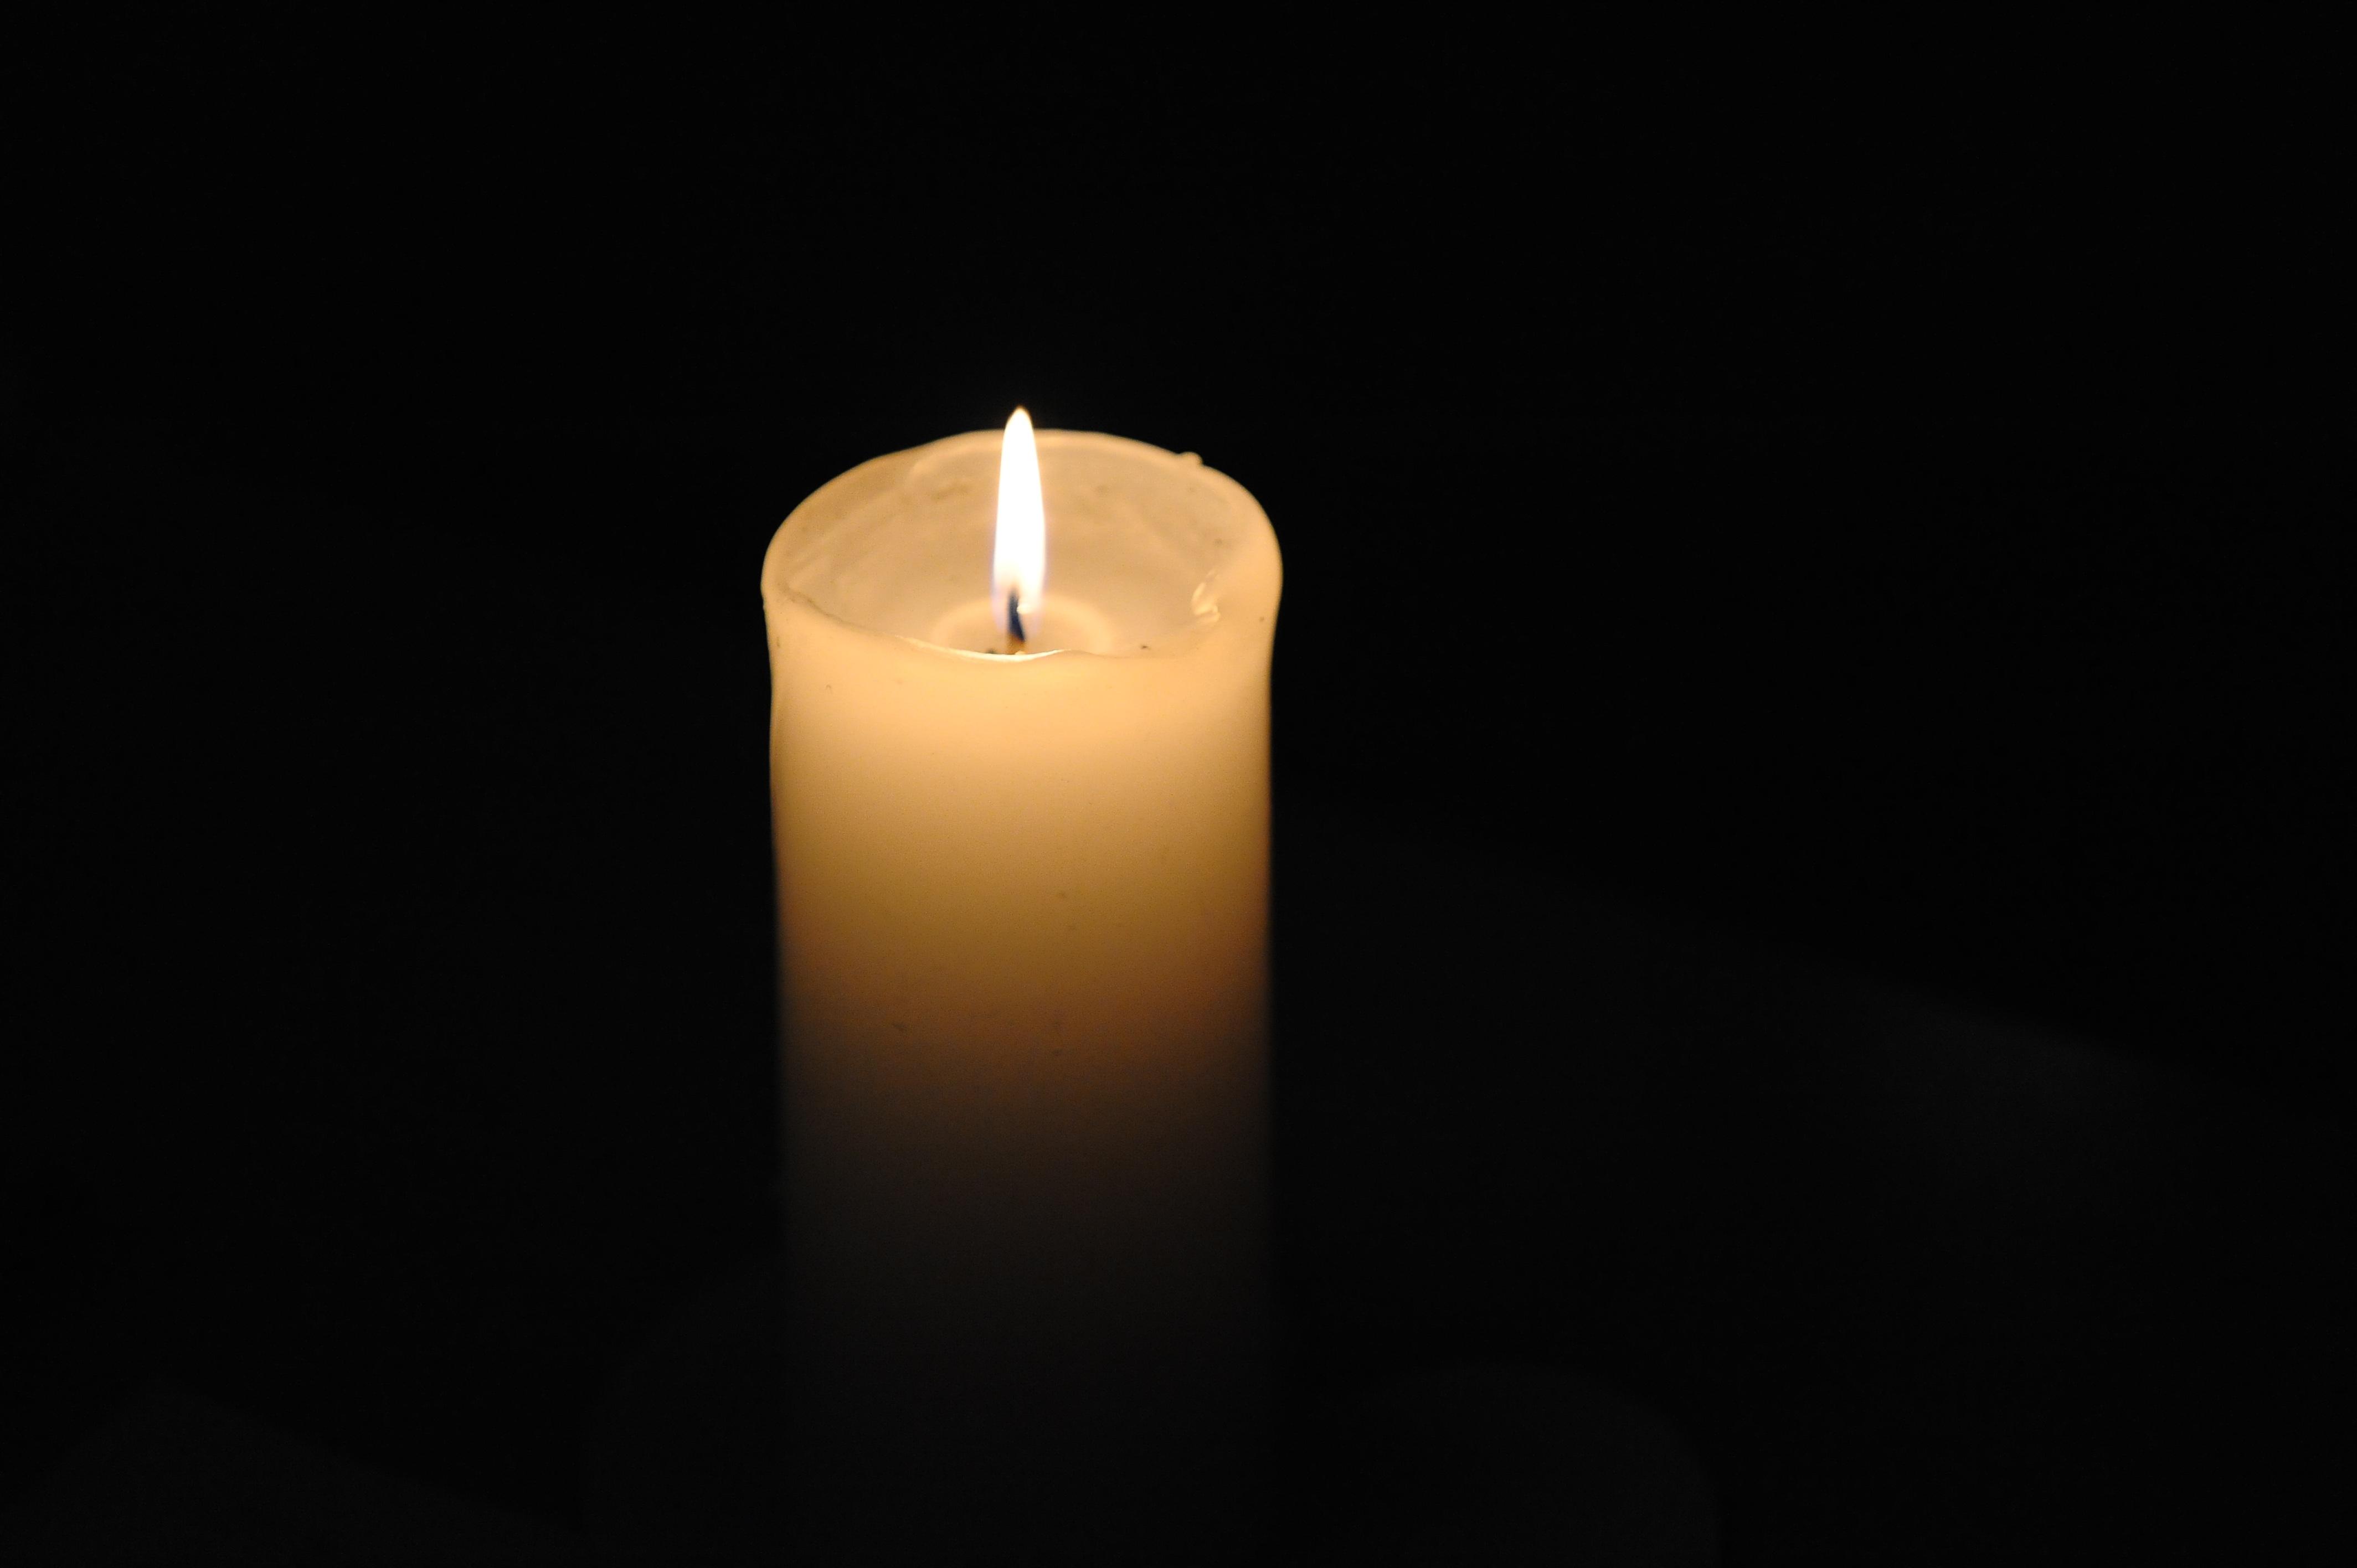 무료 이미지 어둠 양초 조명 장식 전등 기도 염원 희생 밝기 복음 불꽃없는 촛불